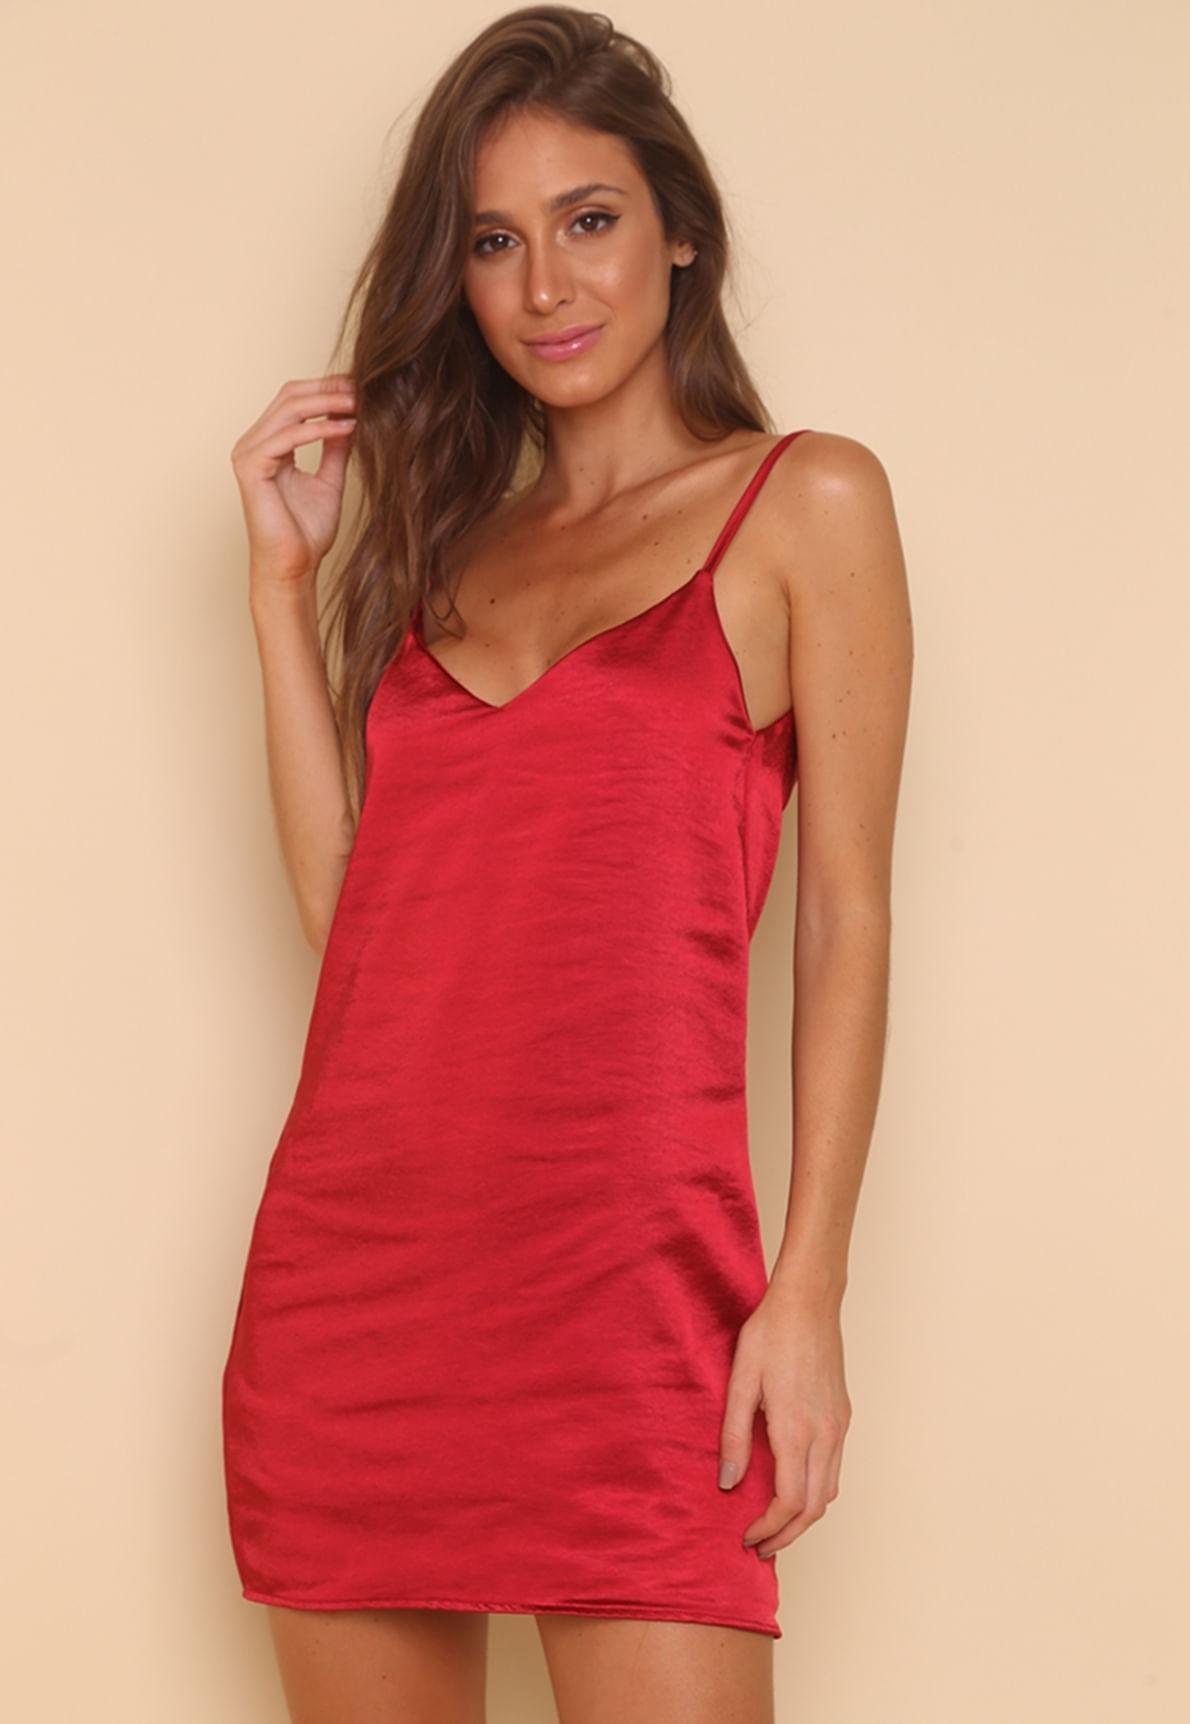 28224-vestido-vermelho-nannie-mundo-lolita-01